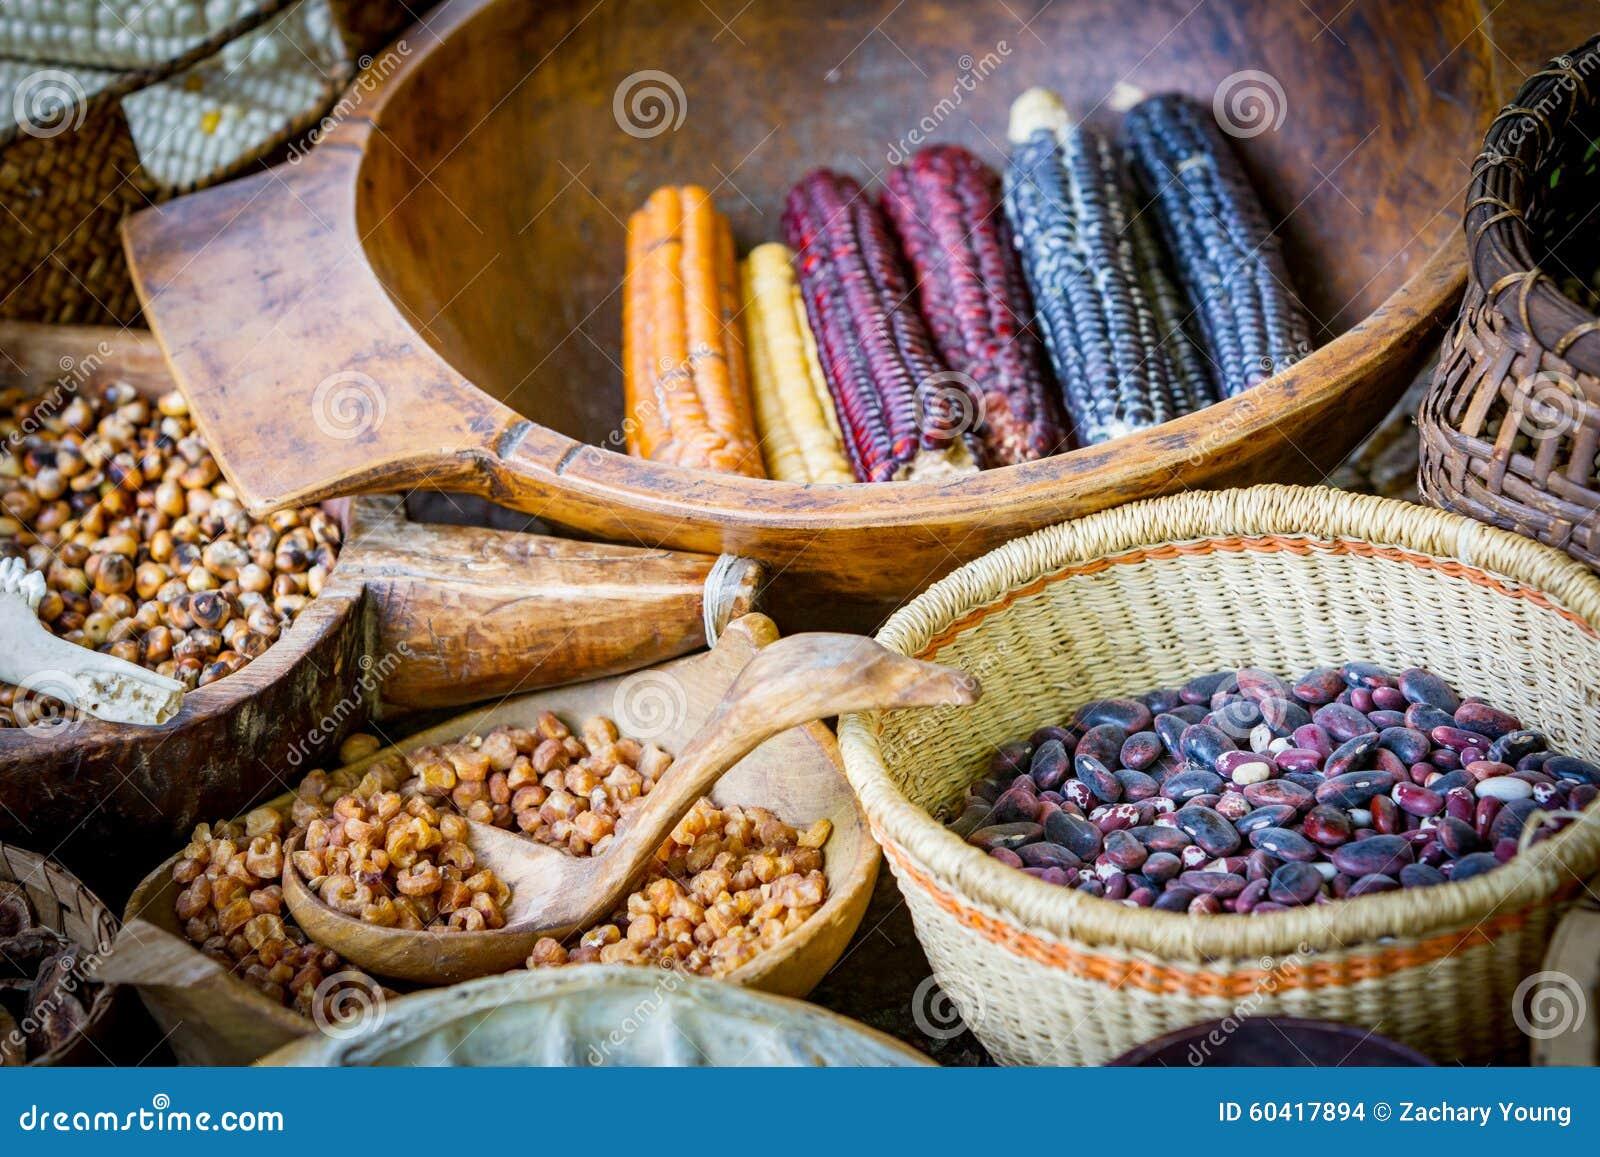 美国本地人食品批发市场